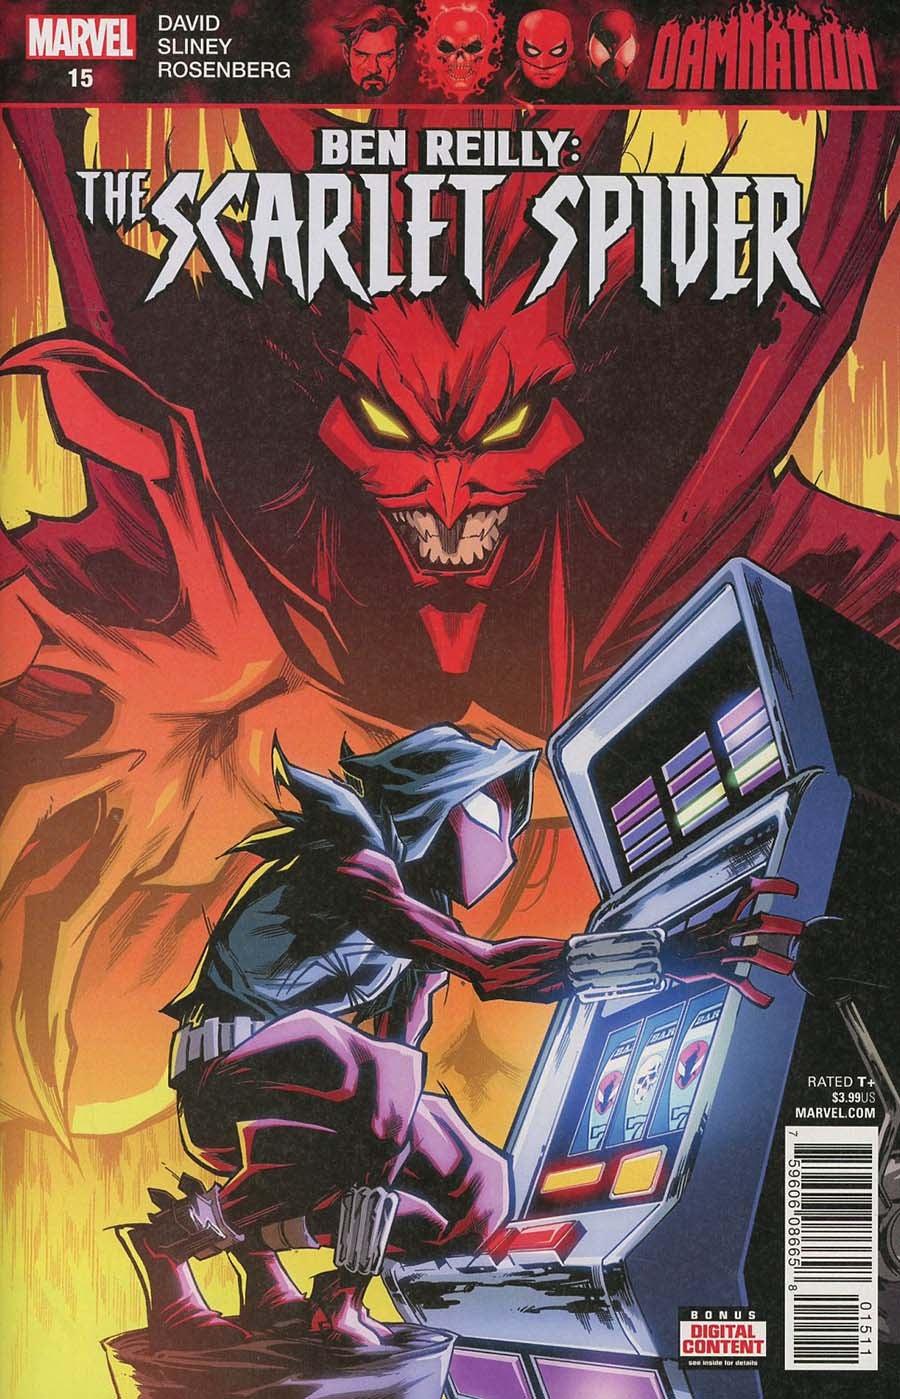 Ben Reilly: Scarlet Spider (2017) Issue 15